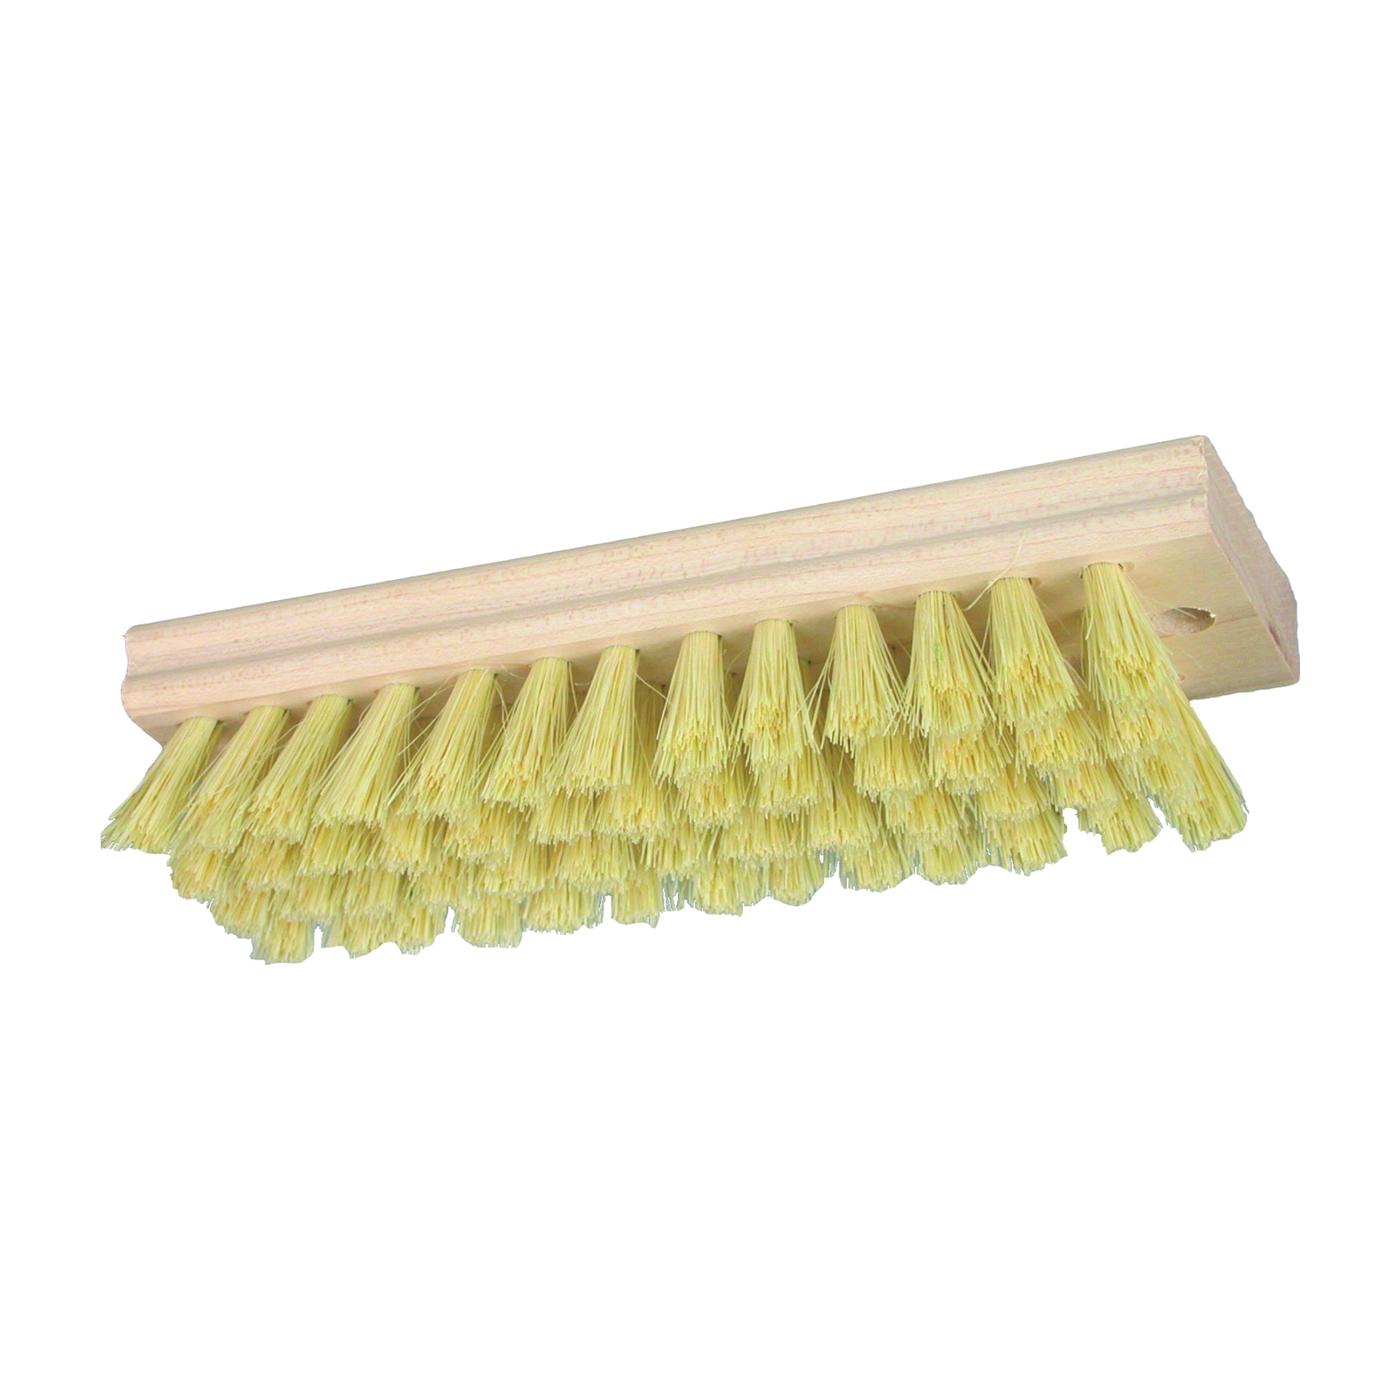 Picture of BIRDWELL 471-48 Scrubber Brush, 1 in L Trim